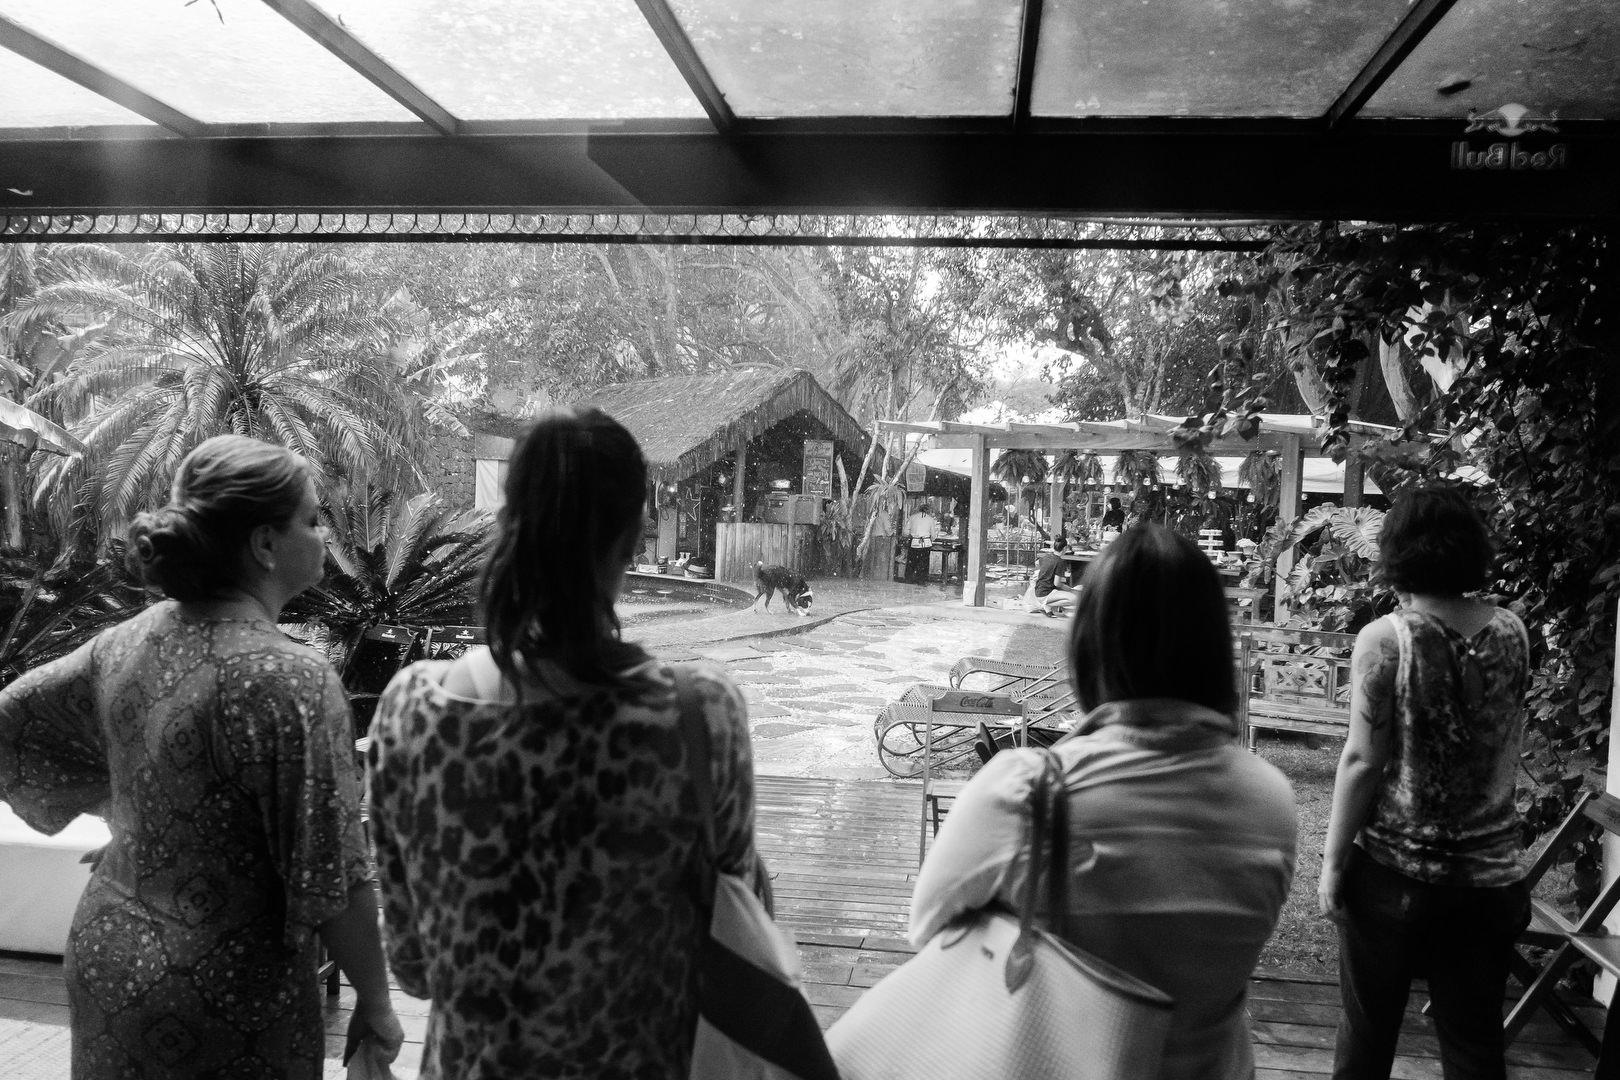 Casamento Surf em floripa: Diana + Fellipe Casamento Destination Wedding  casamento surf casamento no hostel the search house Casamento na Praia casamento na barra da lagoa casamento em floripa casamento em florianópolis casamento doido